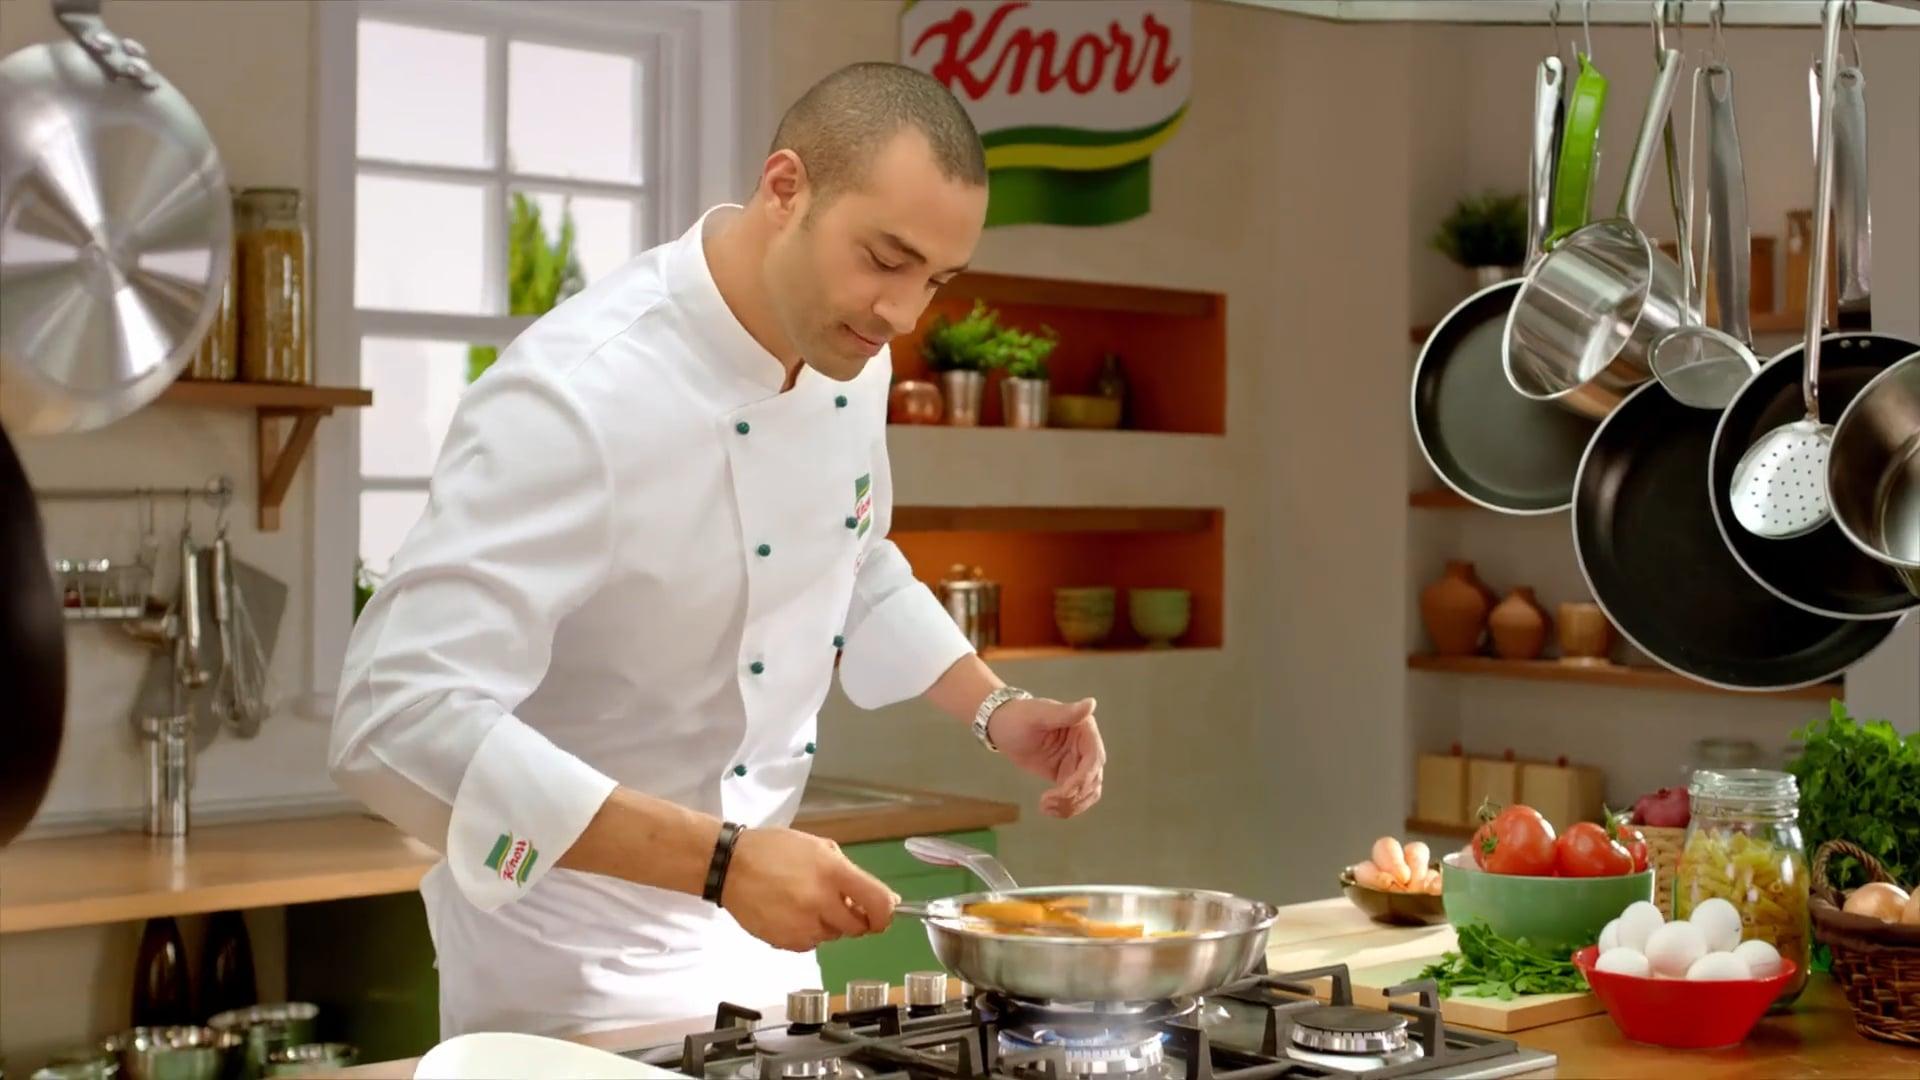 Ahmet Uygun -Knorr Vegetar - Arabic Mena